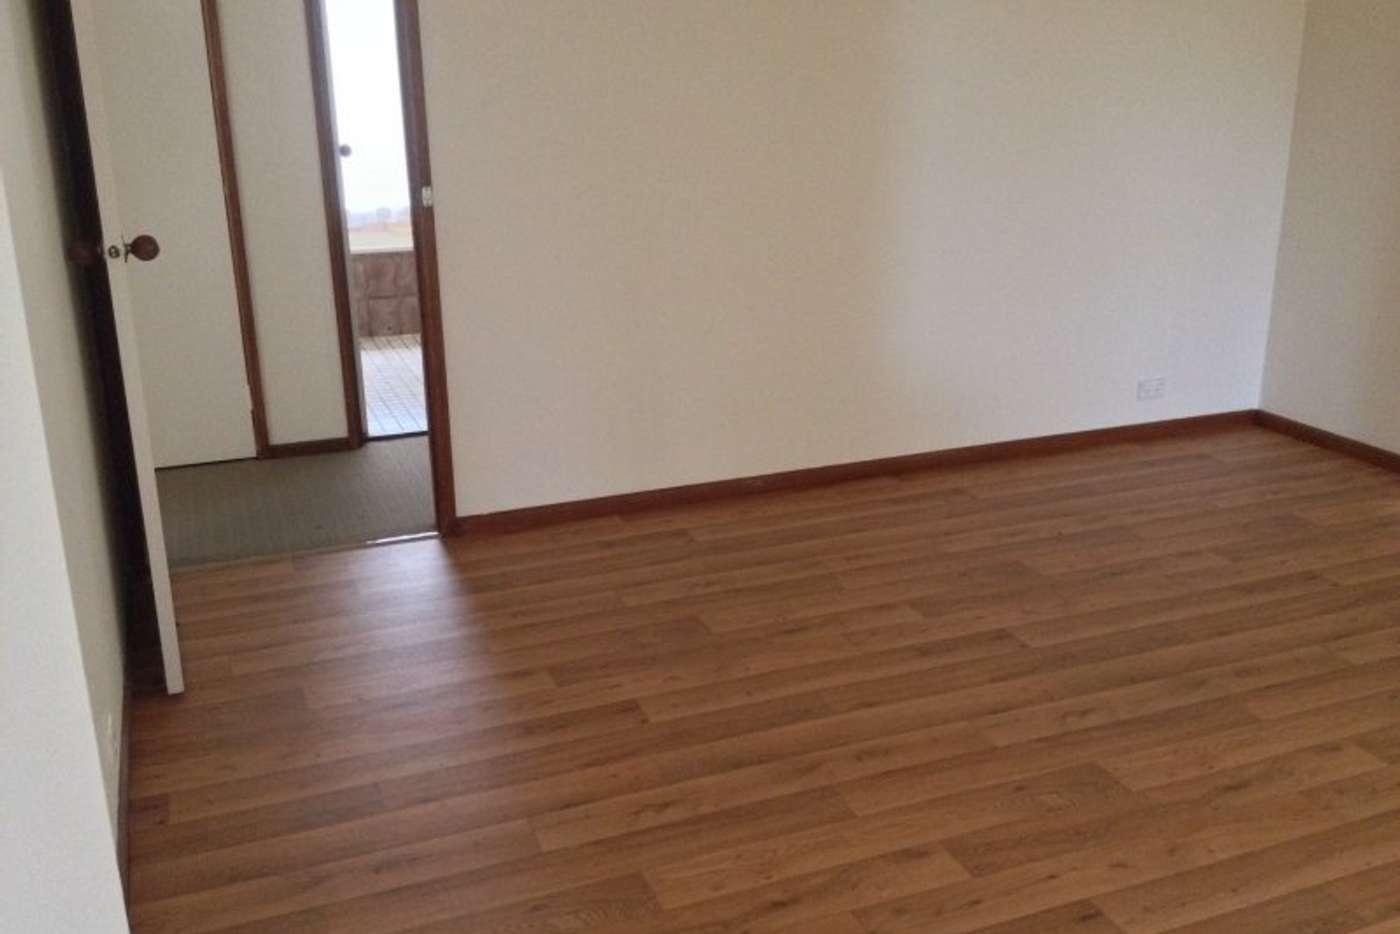 Sixth view of Homely house listing, 52 Glenhelen Road, Morphett Vale SA 5162